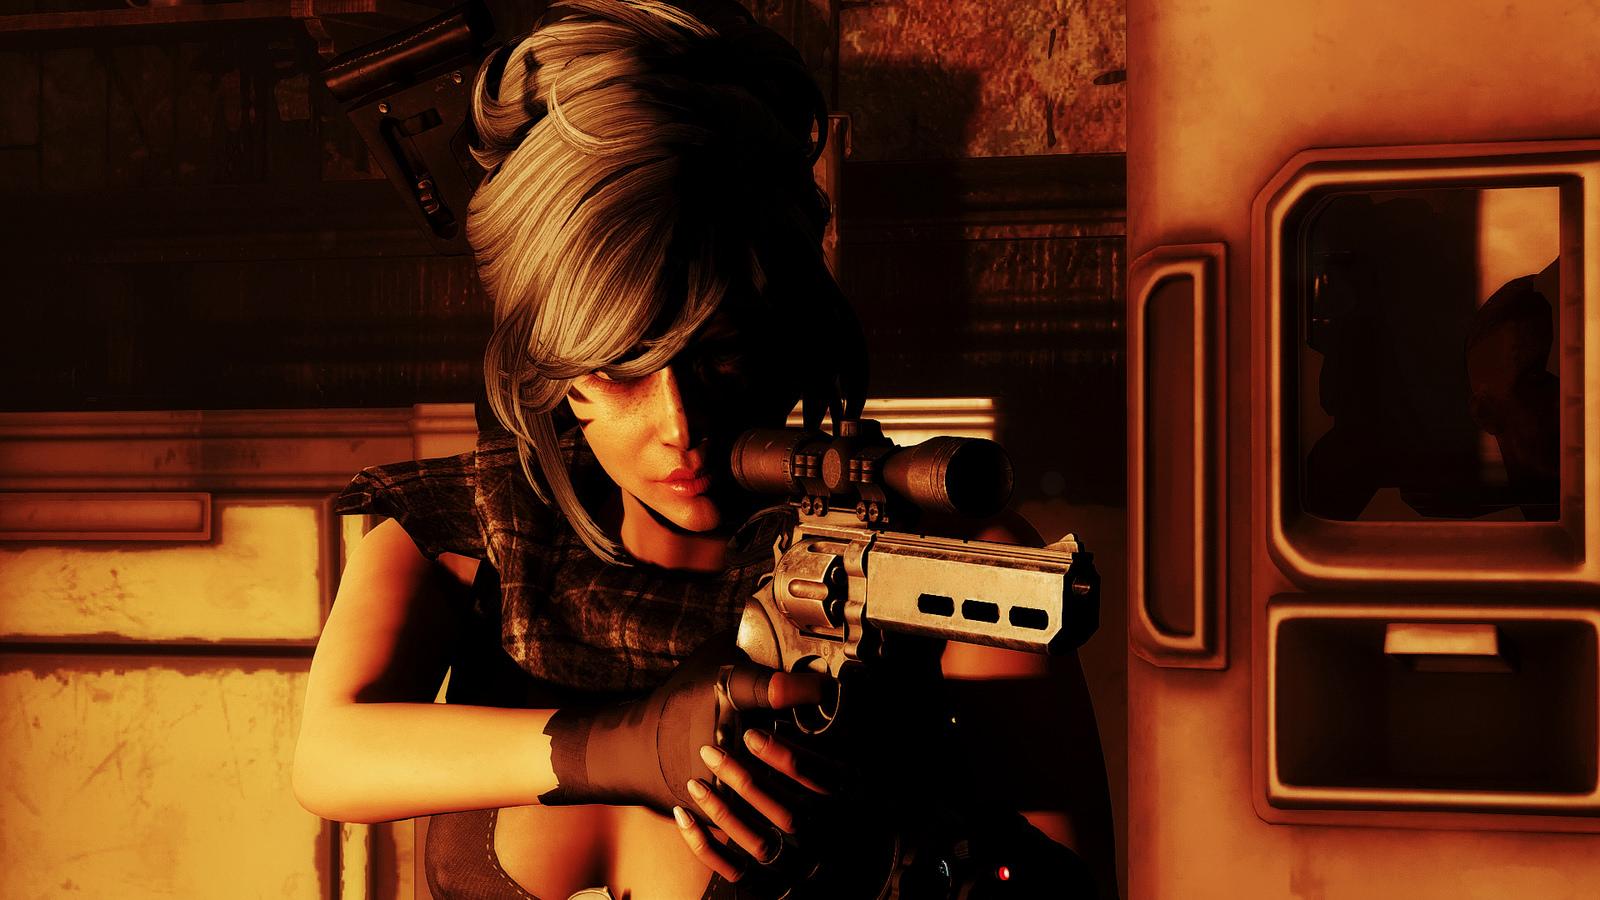 30319781014_3d462226e4_h.jpg - Fallout 4